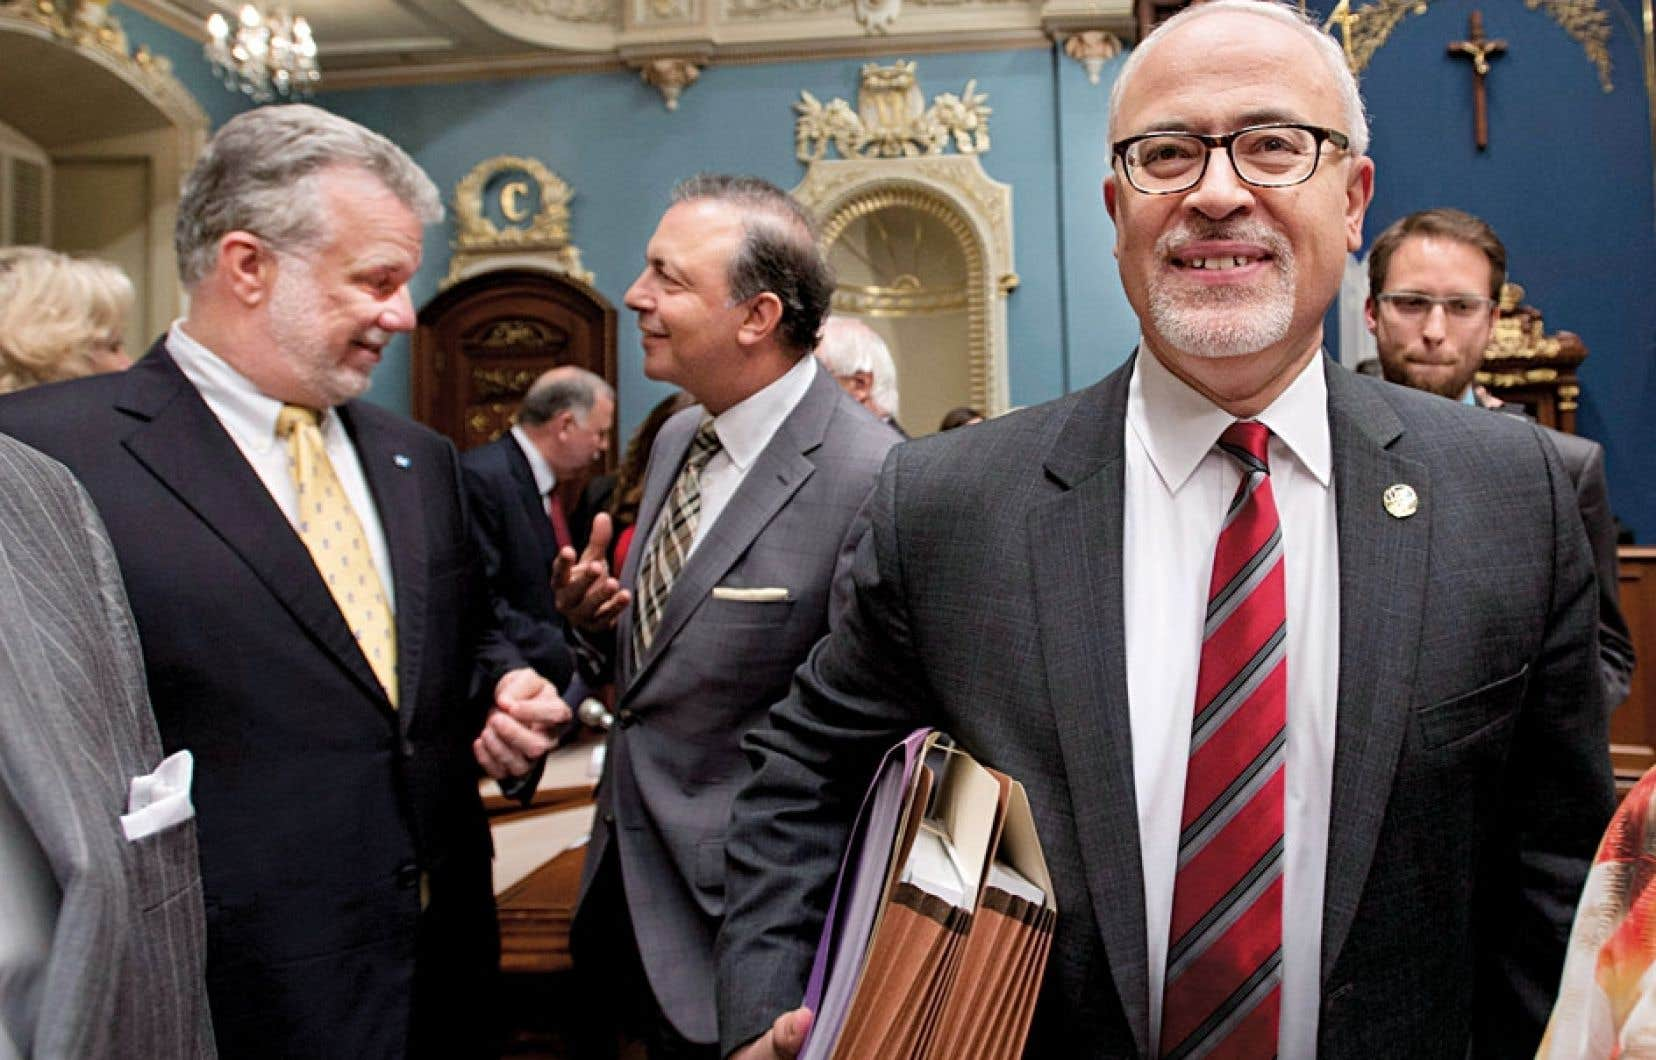 Le ministre des Finances, Carlos Leitao, s'apprête à présenter son budget à l'Assemblée nationale.